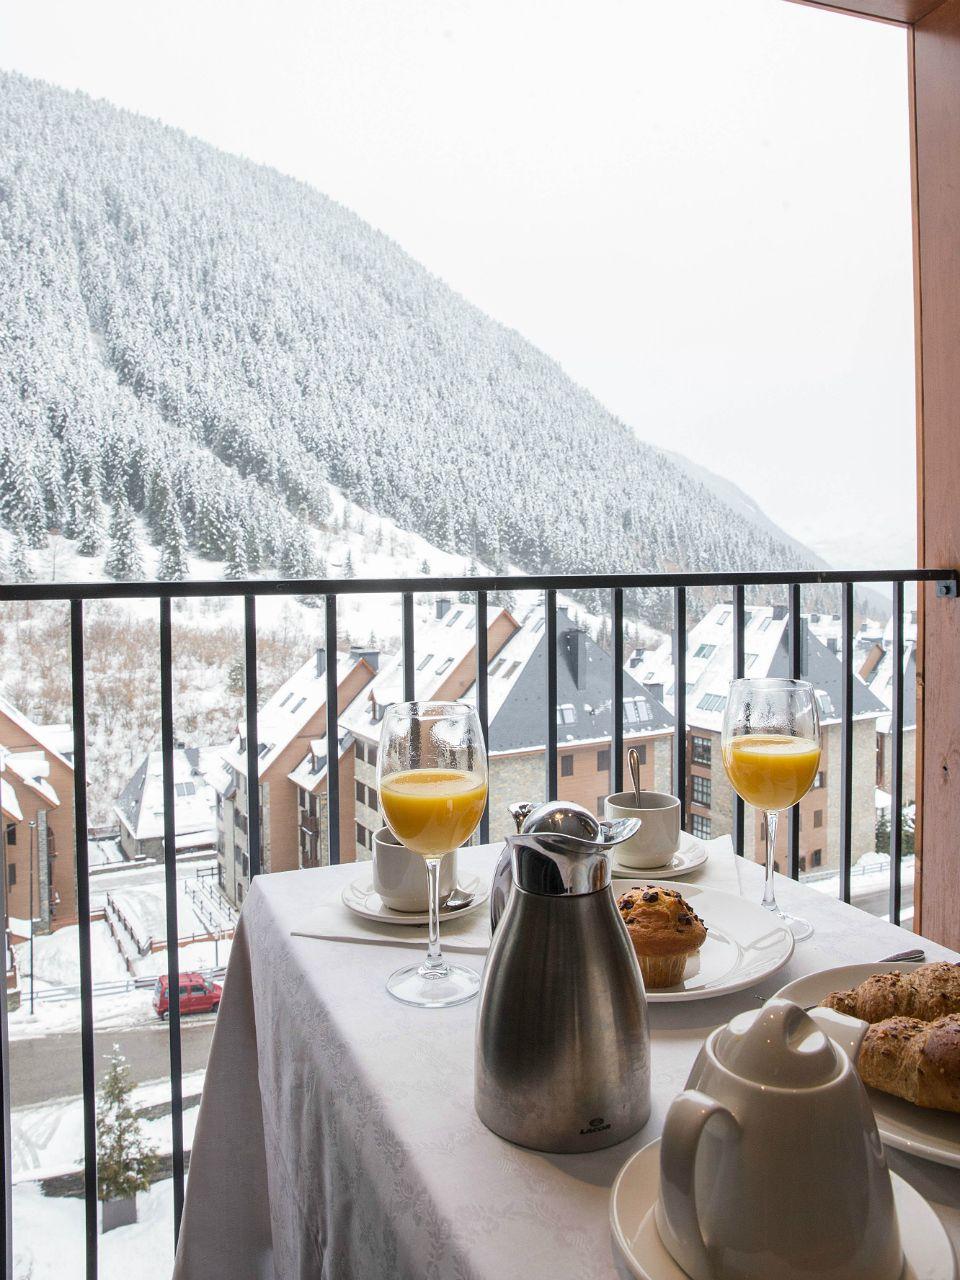 Hôtel premium Pierre et Vacances Himalaia Baqueira